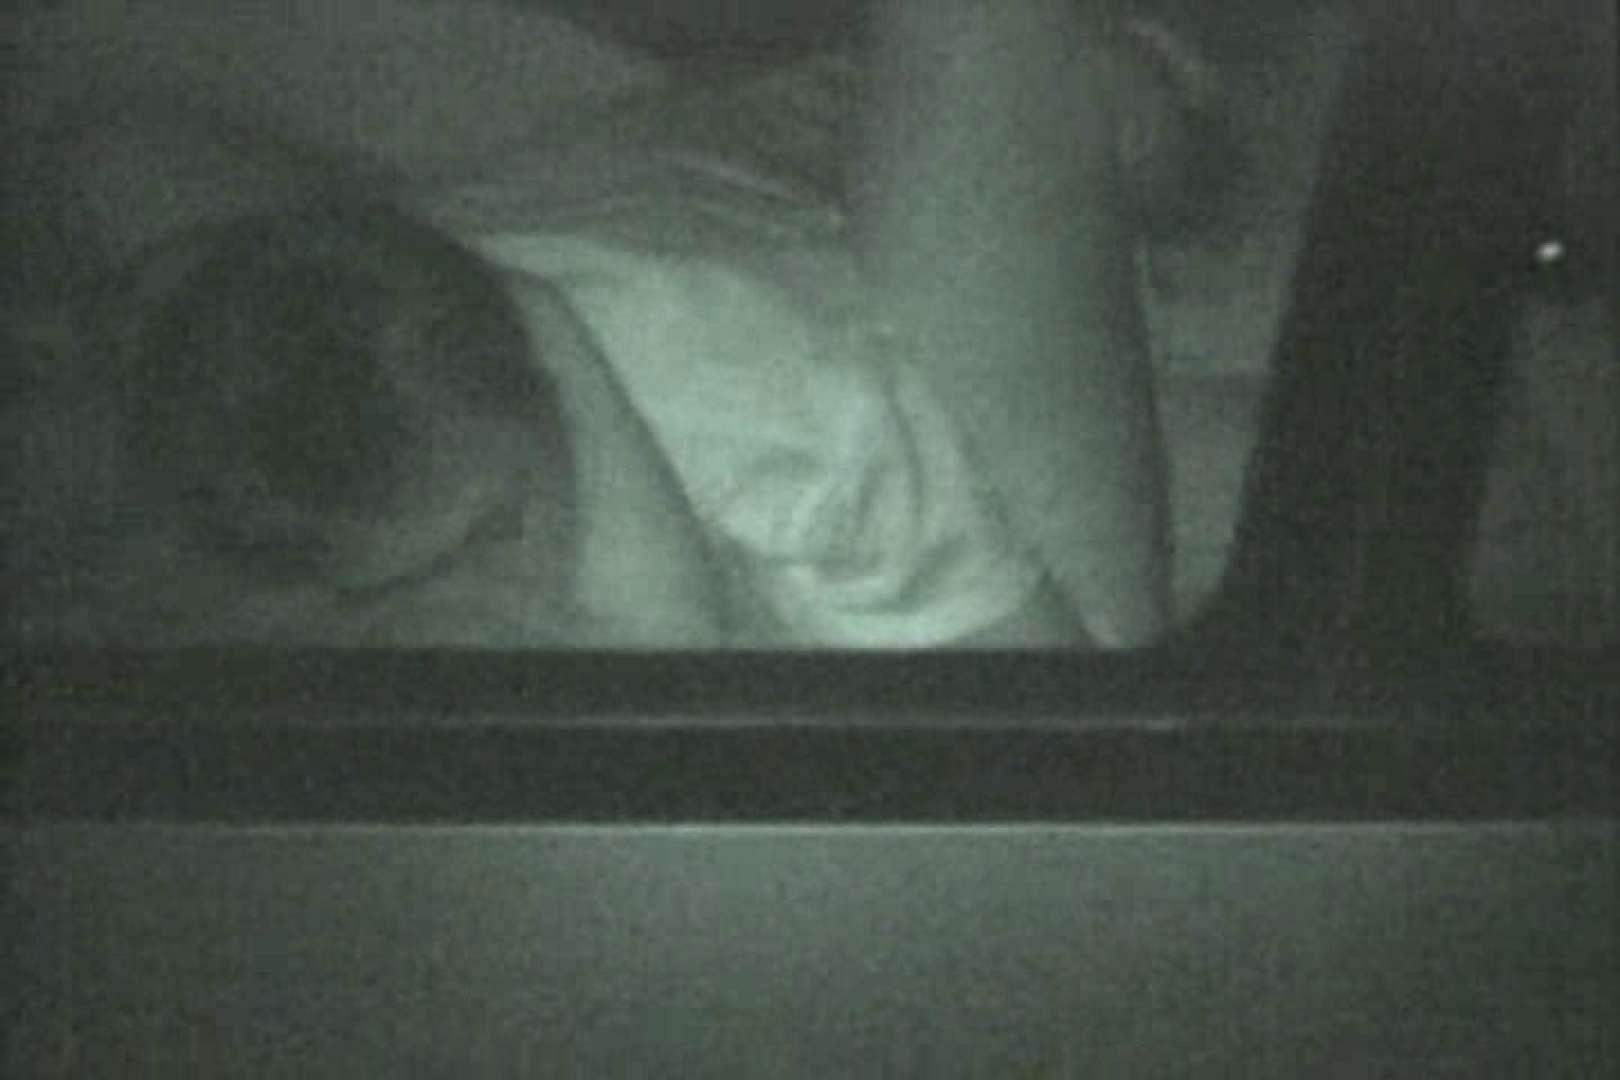 蔵出し!!赤外線カーセックスVol.16 カーセックス セックス画像 89pic 55